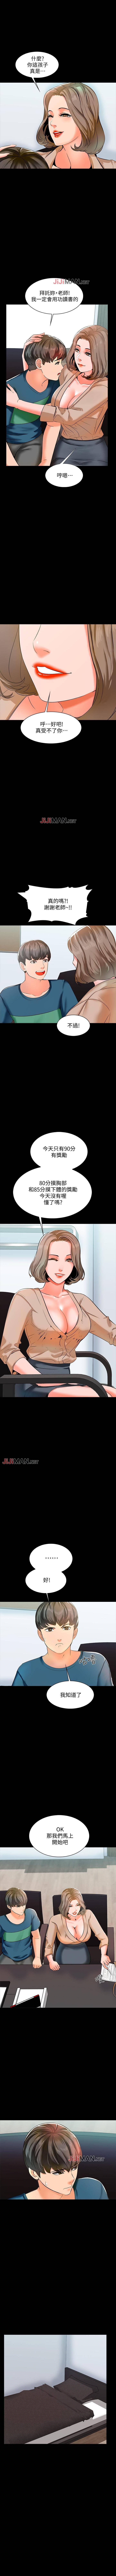 【周一连载】家教老师(作者: CreamMedia) 第1~44话 55